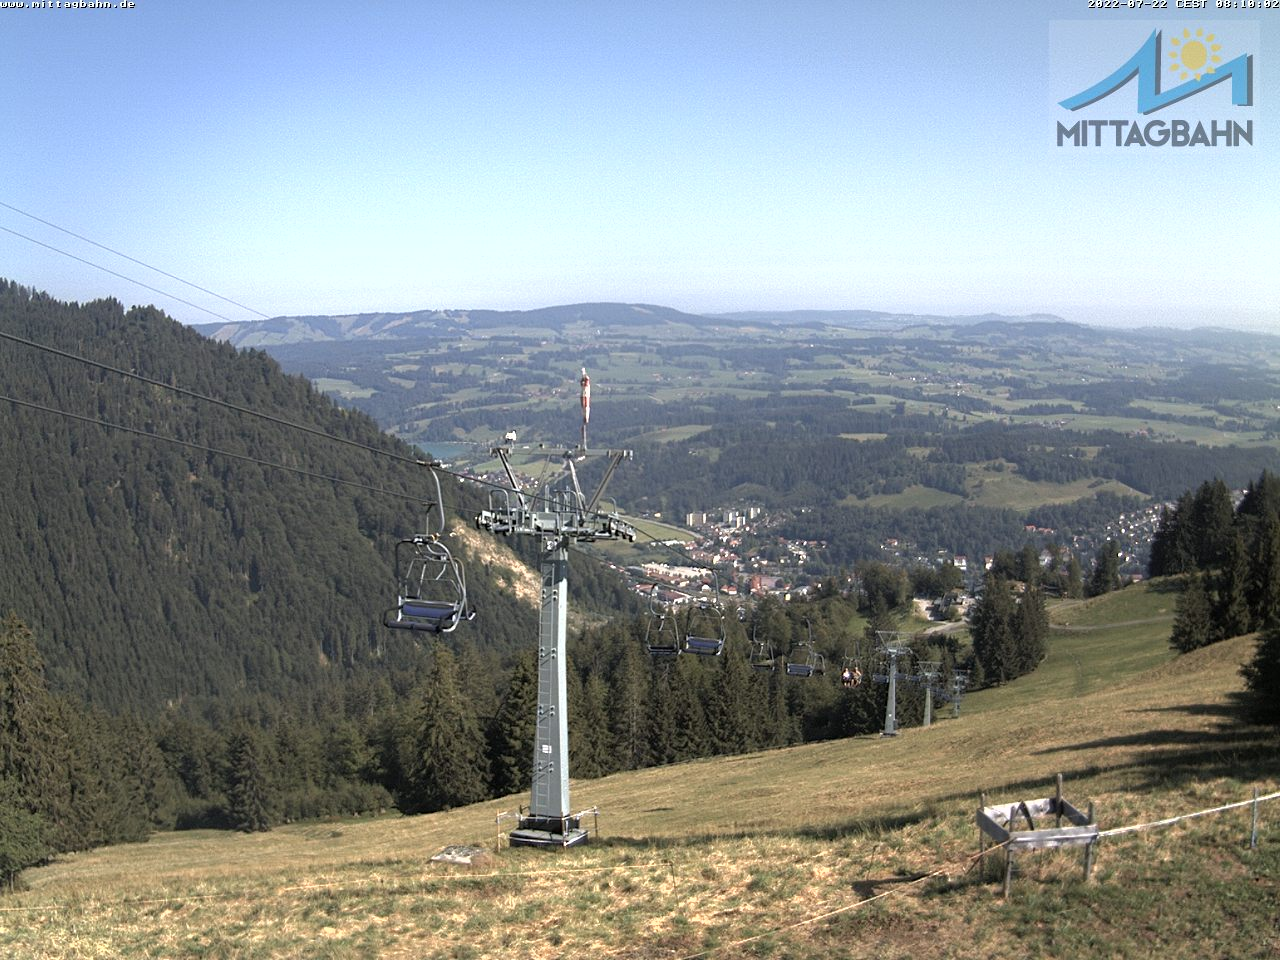 Webcam Skigebiet Immenstadt - Mittag cam 8 - Allg�u